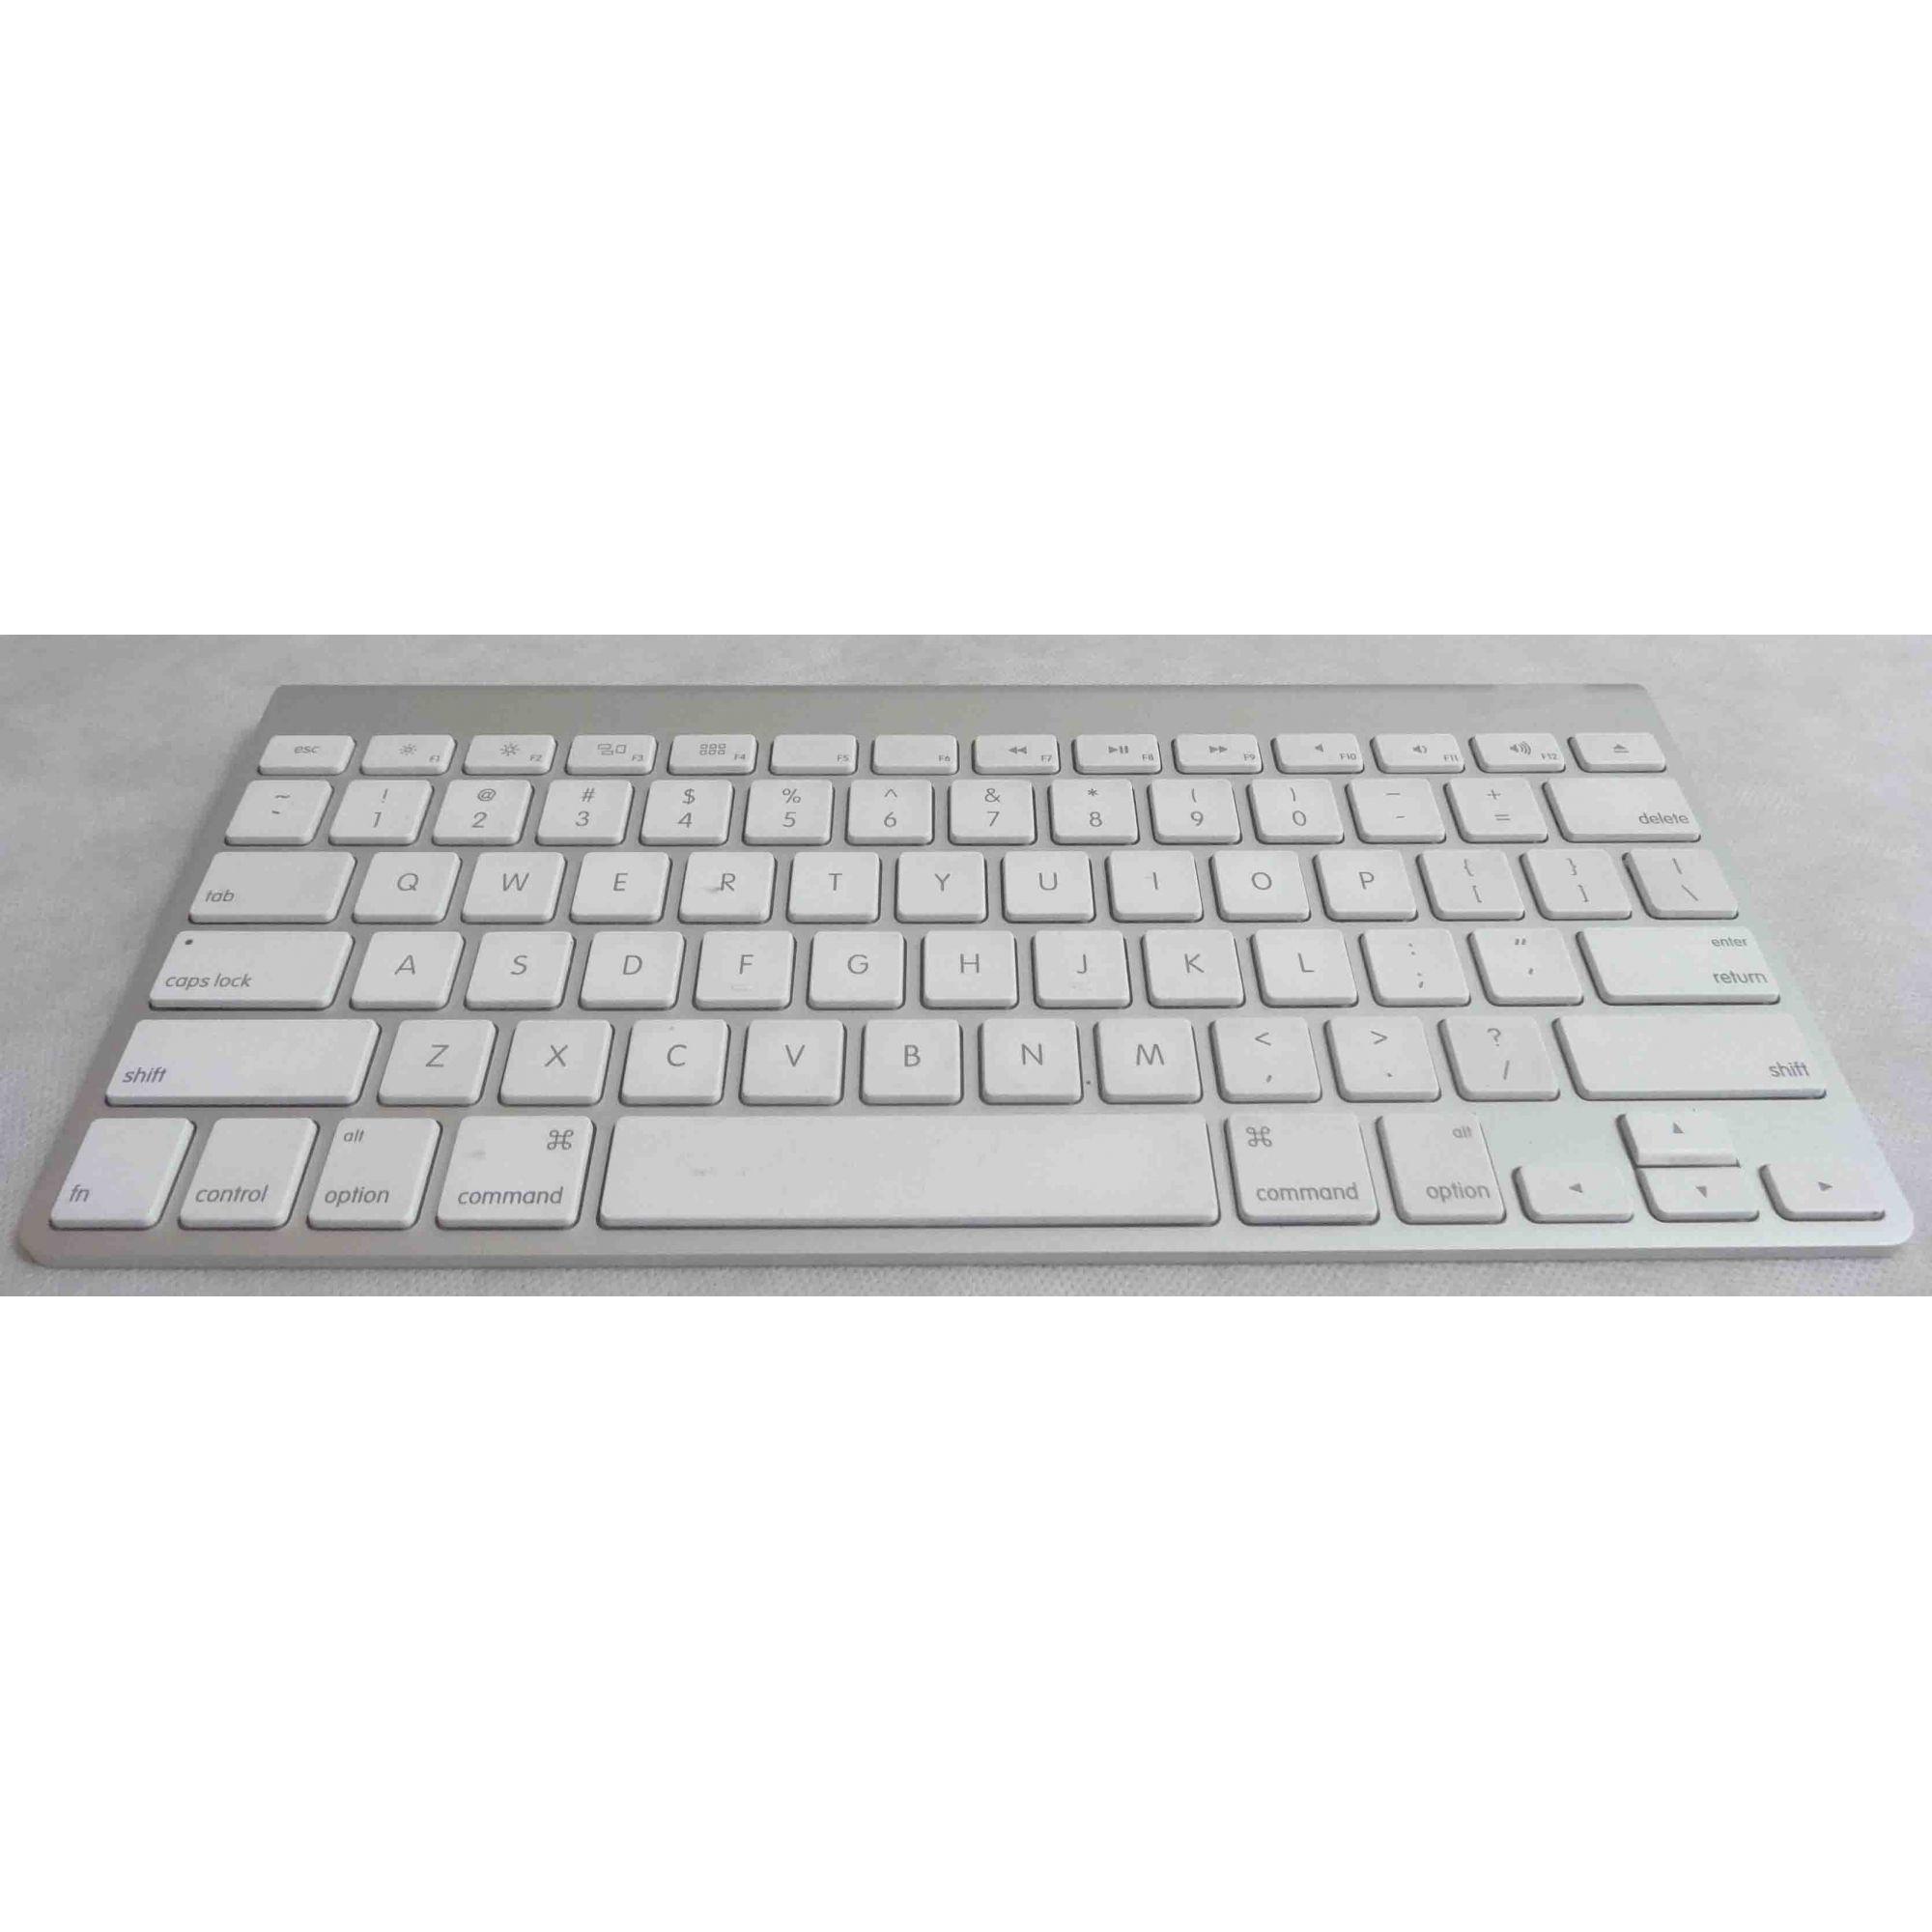 Teclado Apple Wireless MC184LL/B